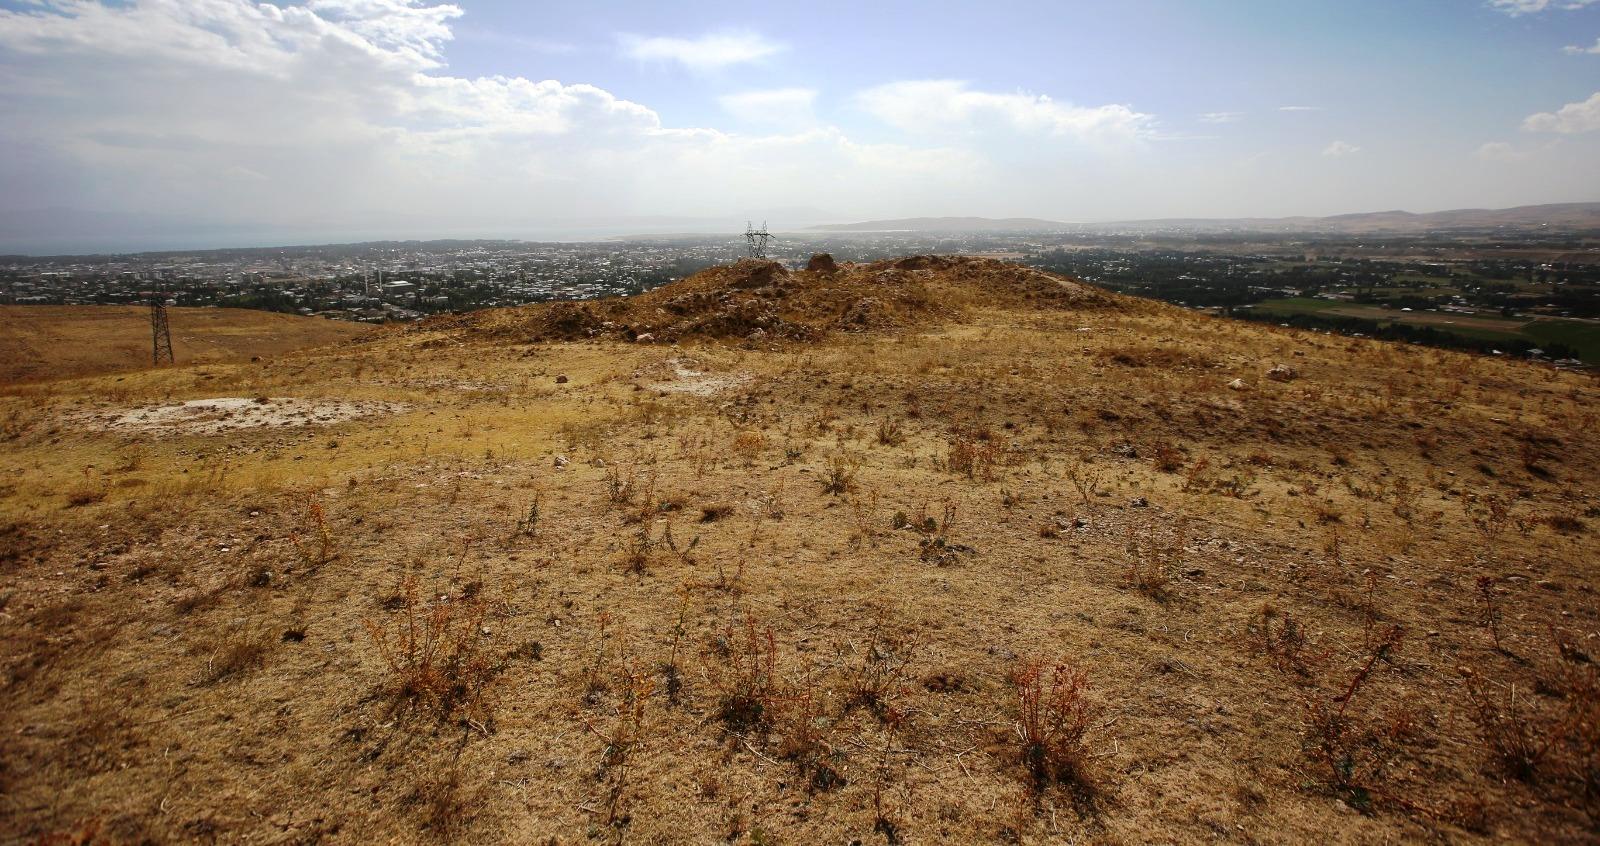 Devasa antik kent, keşfedilmeyi bekliyor (3).jpg